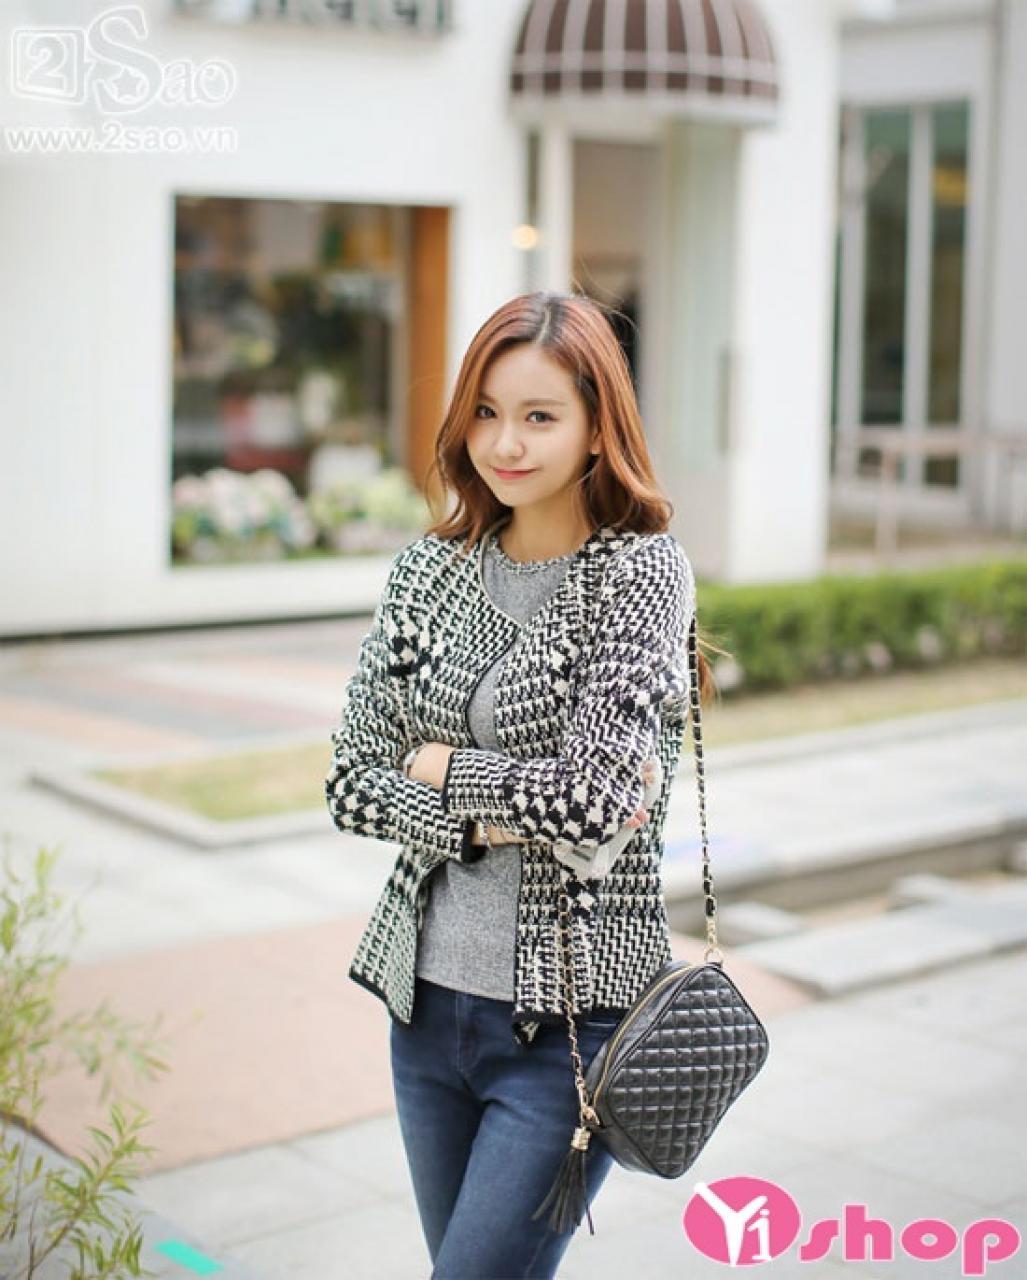 Áo khoác cardigan nữ mỏng đẹp Hàn Quốc thu đông 2019 nhẹ nhàng thanh lịch